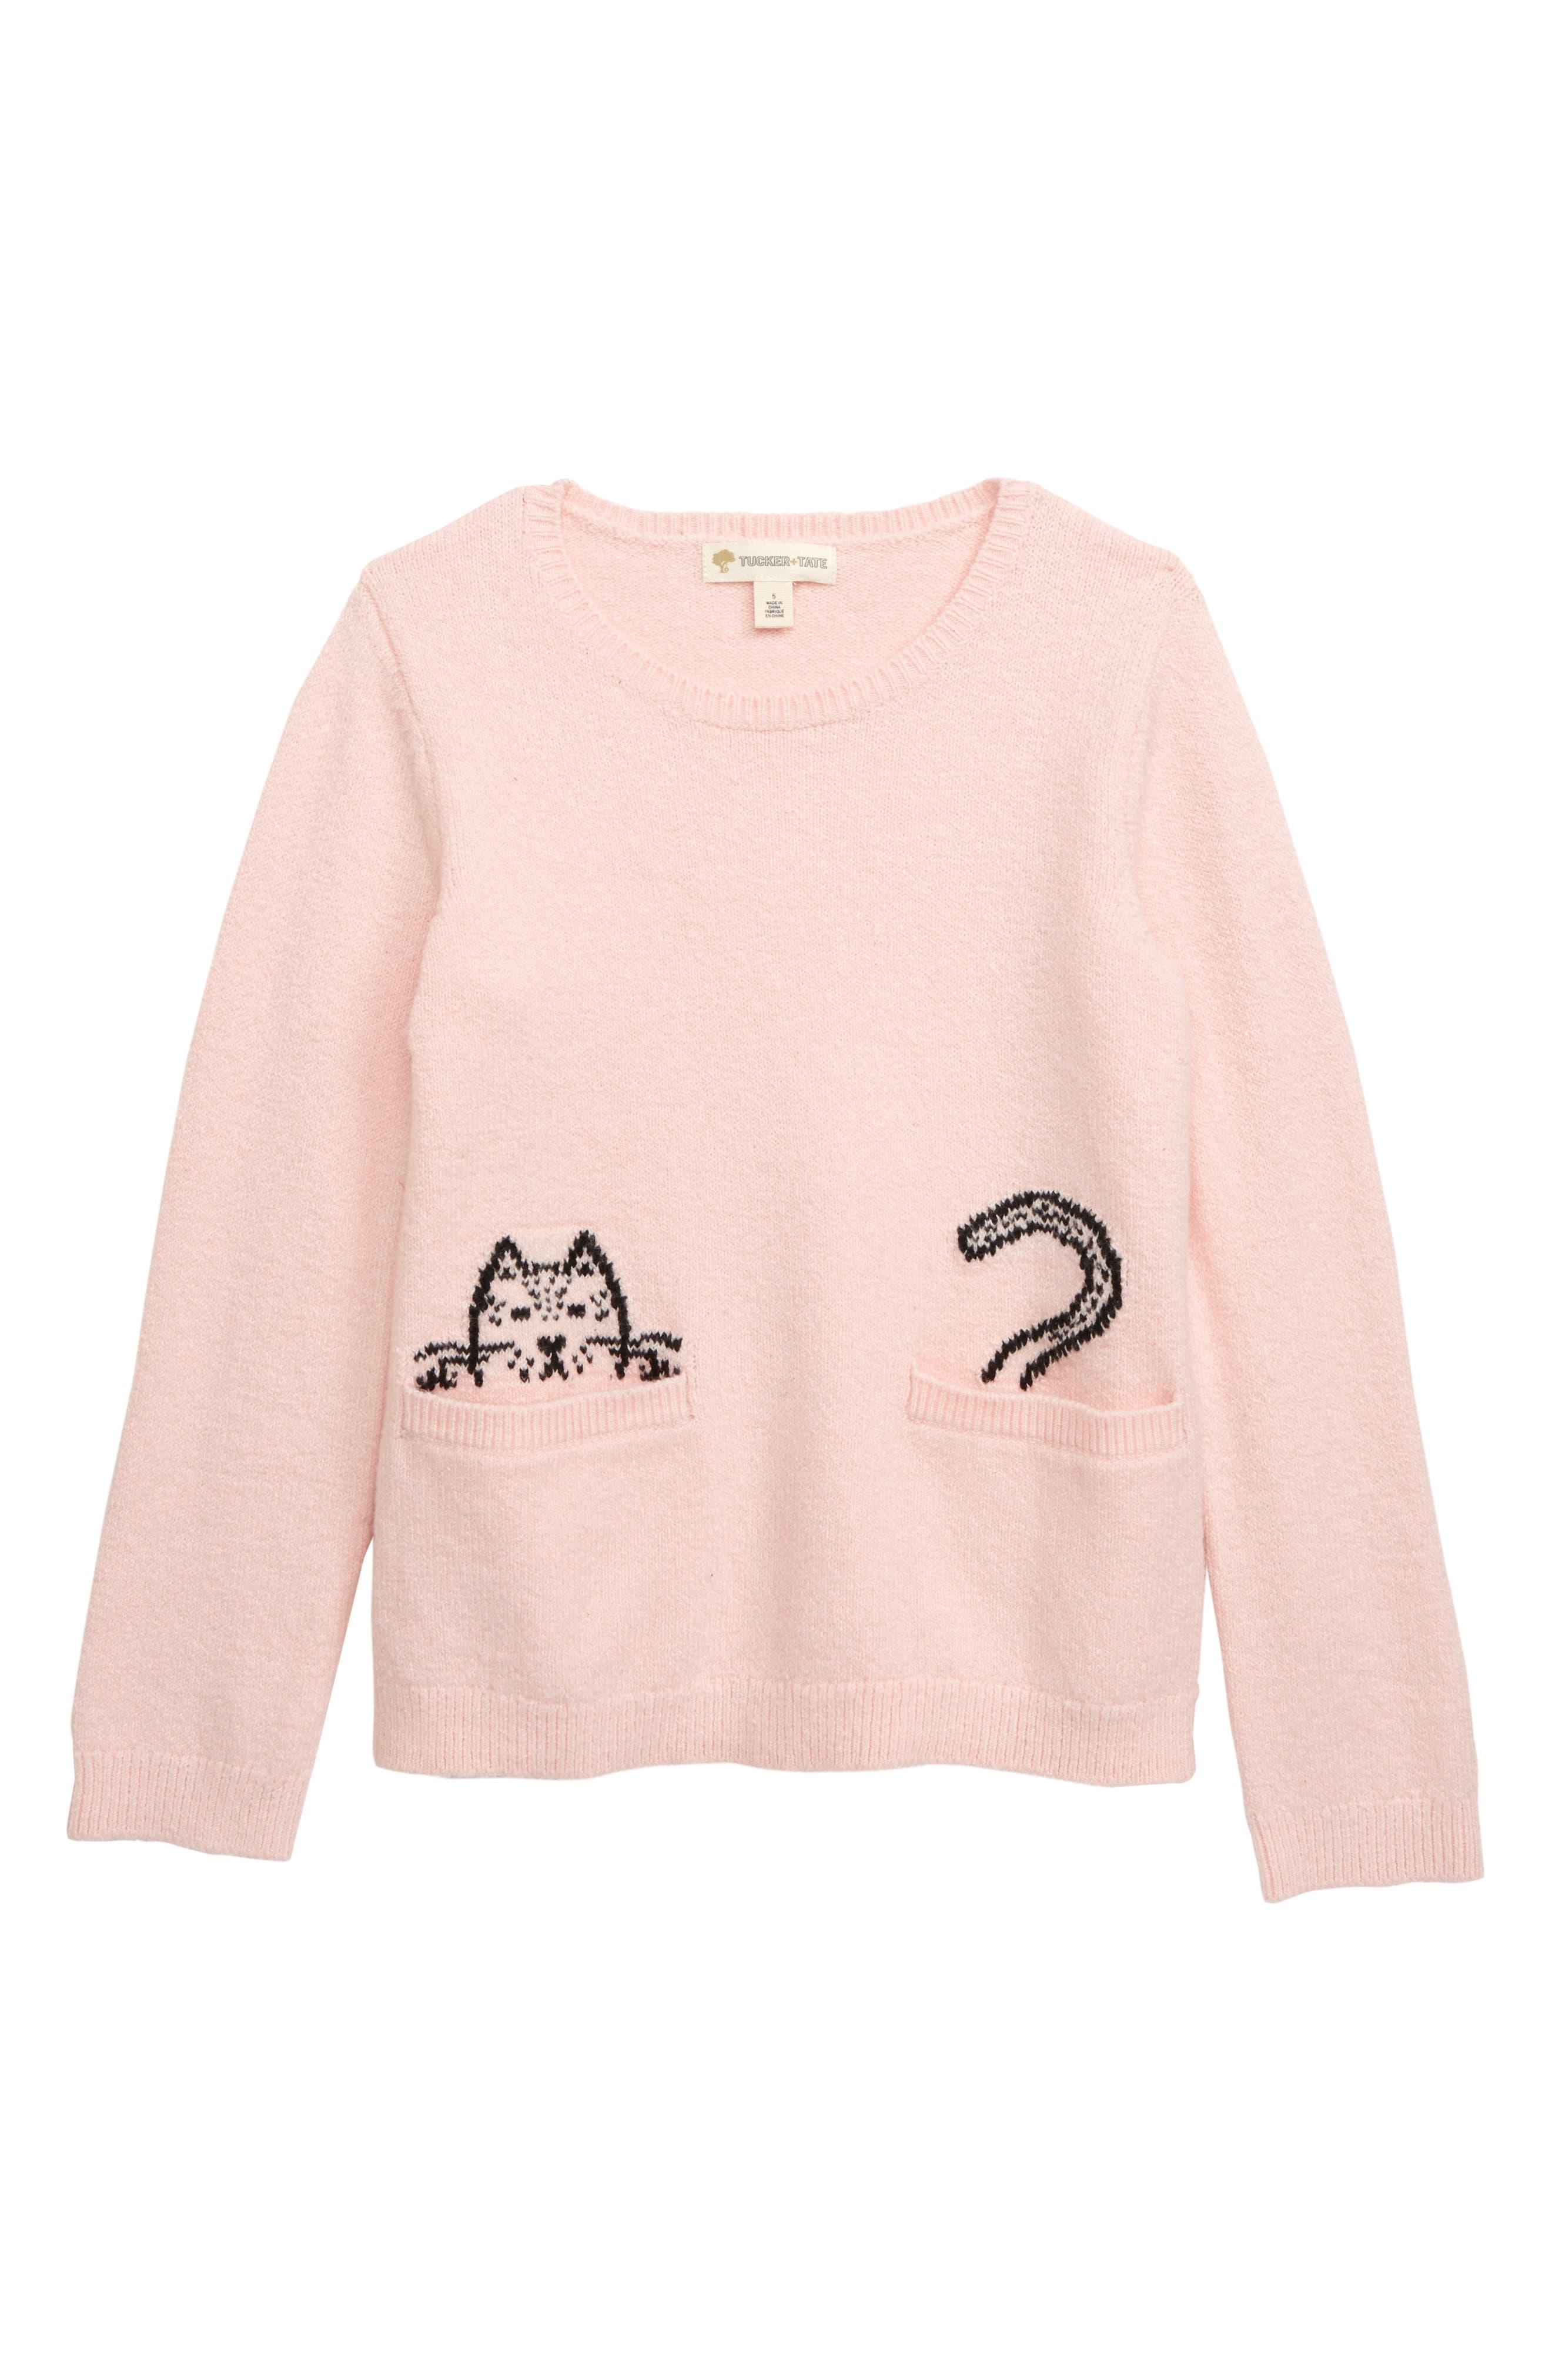 Toddler Girls Tucker  Tate Cat Pocket Sweater Size 3T  Pink